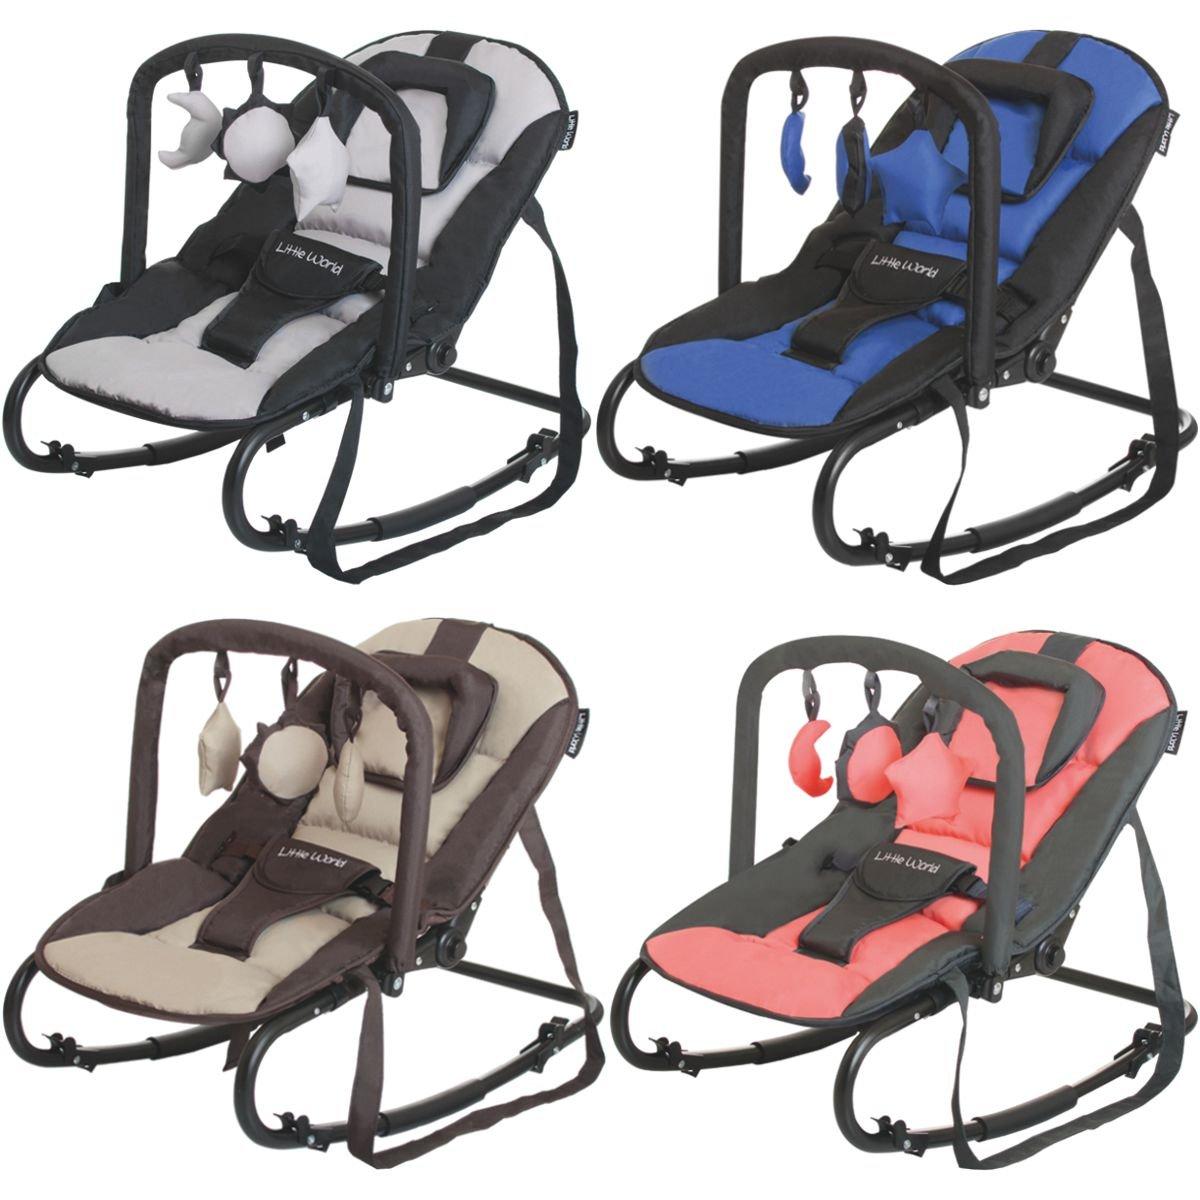 RELAX STARDUST Babywippe Babytrage Schaukel Babyschaukel Babywiege + Spielbogen (BRAUN/BEIGE) Stimo24